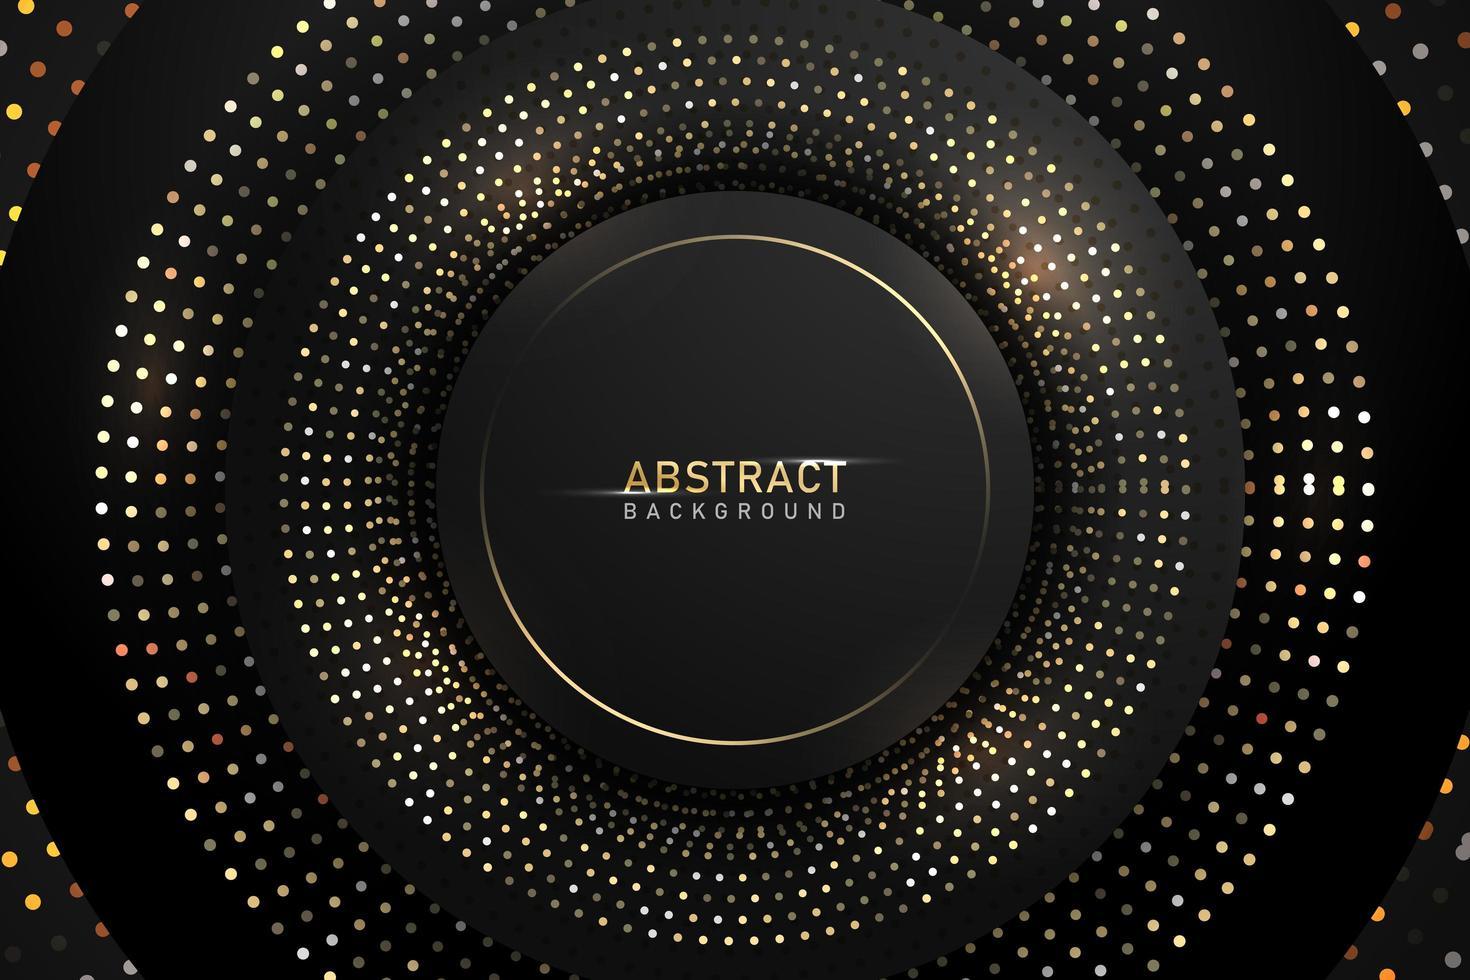 Fondo oscuro abstracto con elementos de brillo y brillo de círculo dorado brillante vector